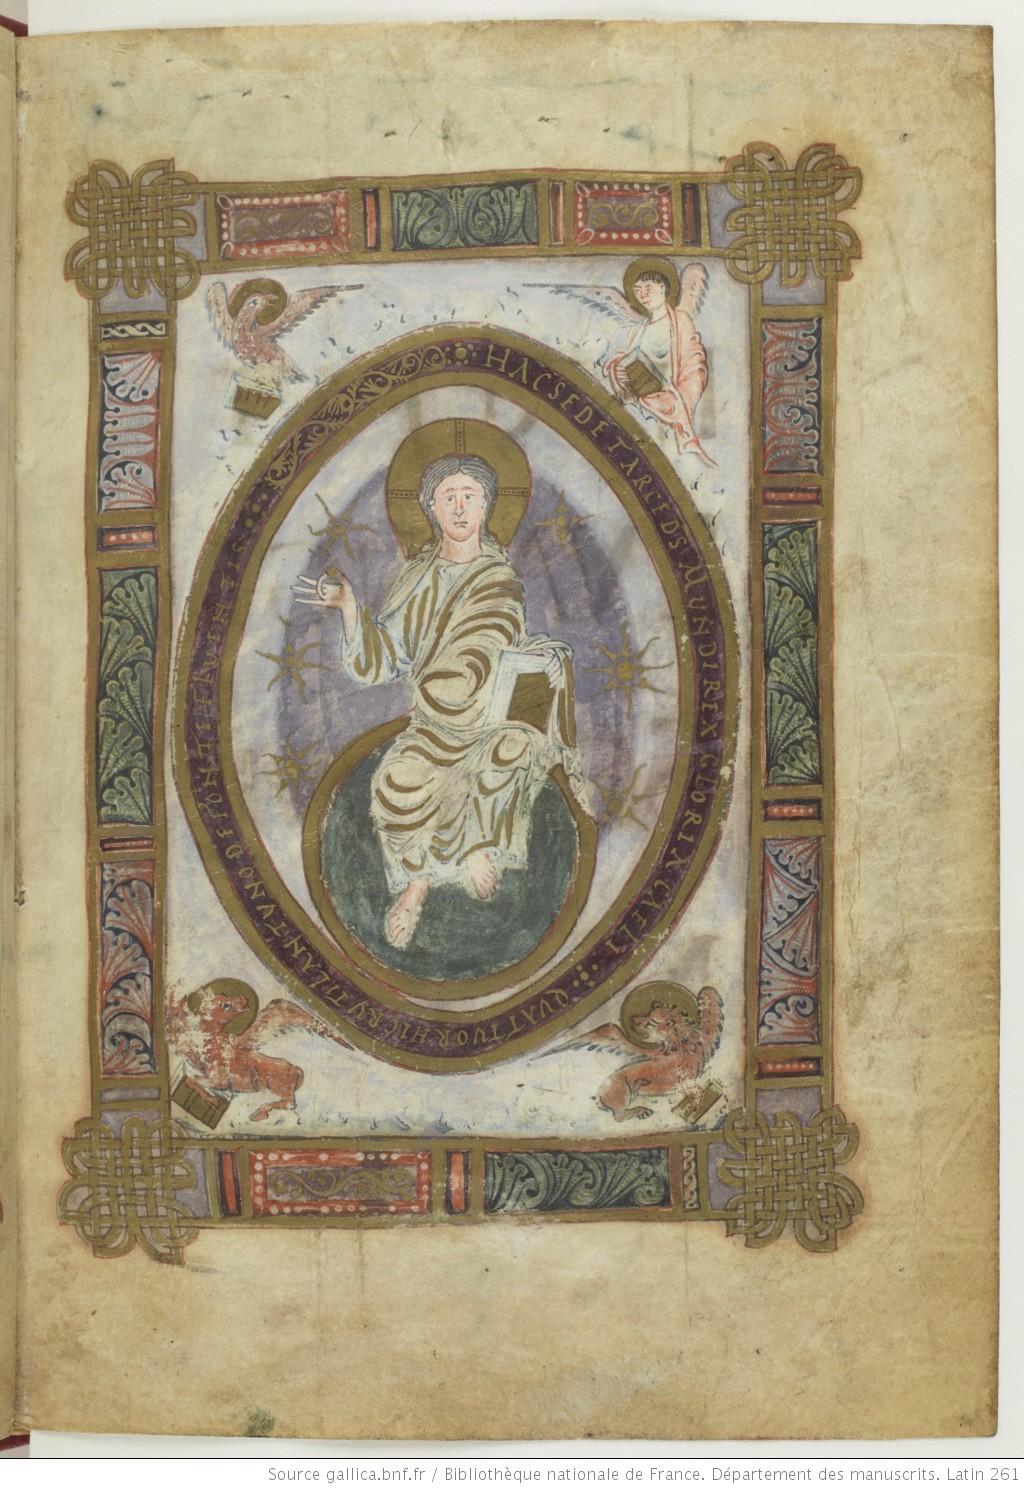 Evangile du Mans BNF lat 261 fol 18 Gallica